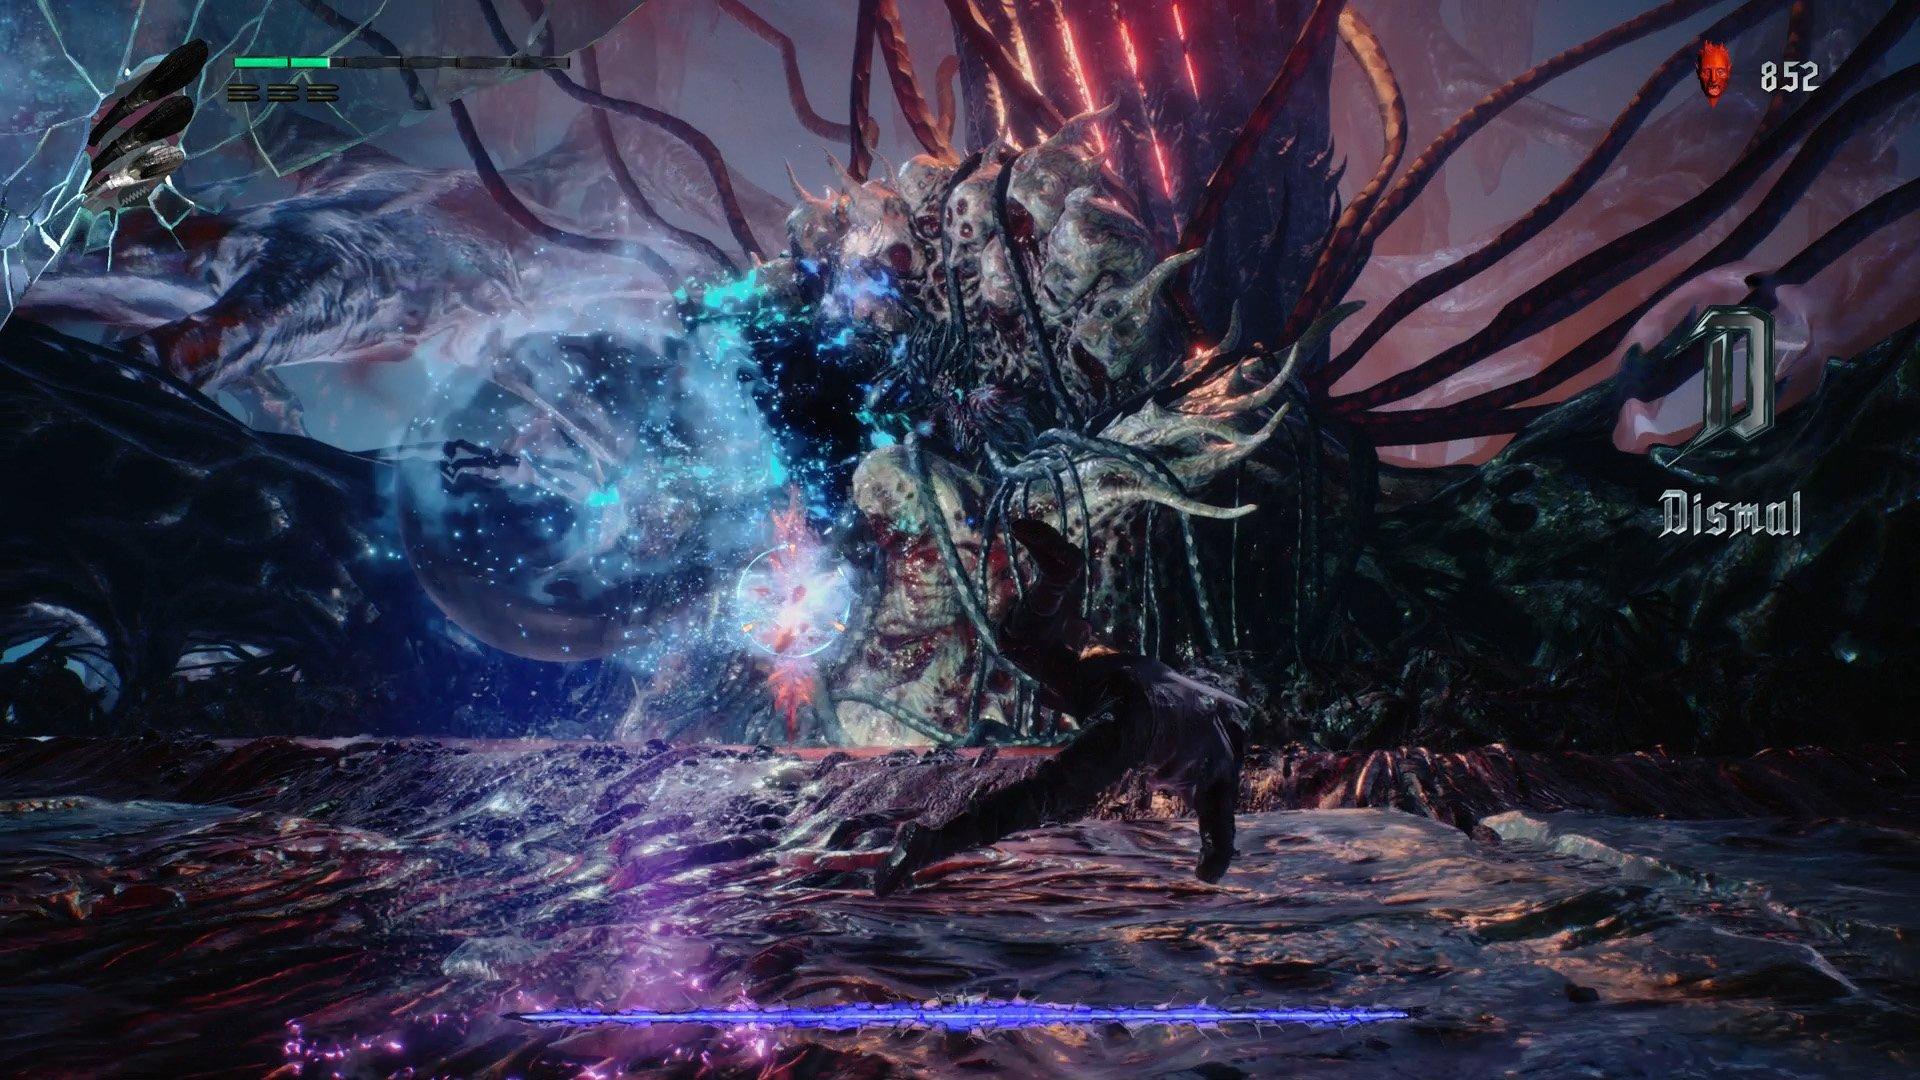 Devil May Cry 5 secret ending